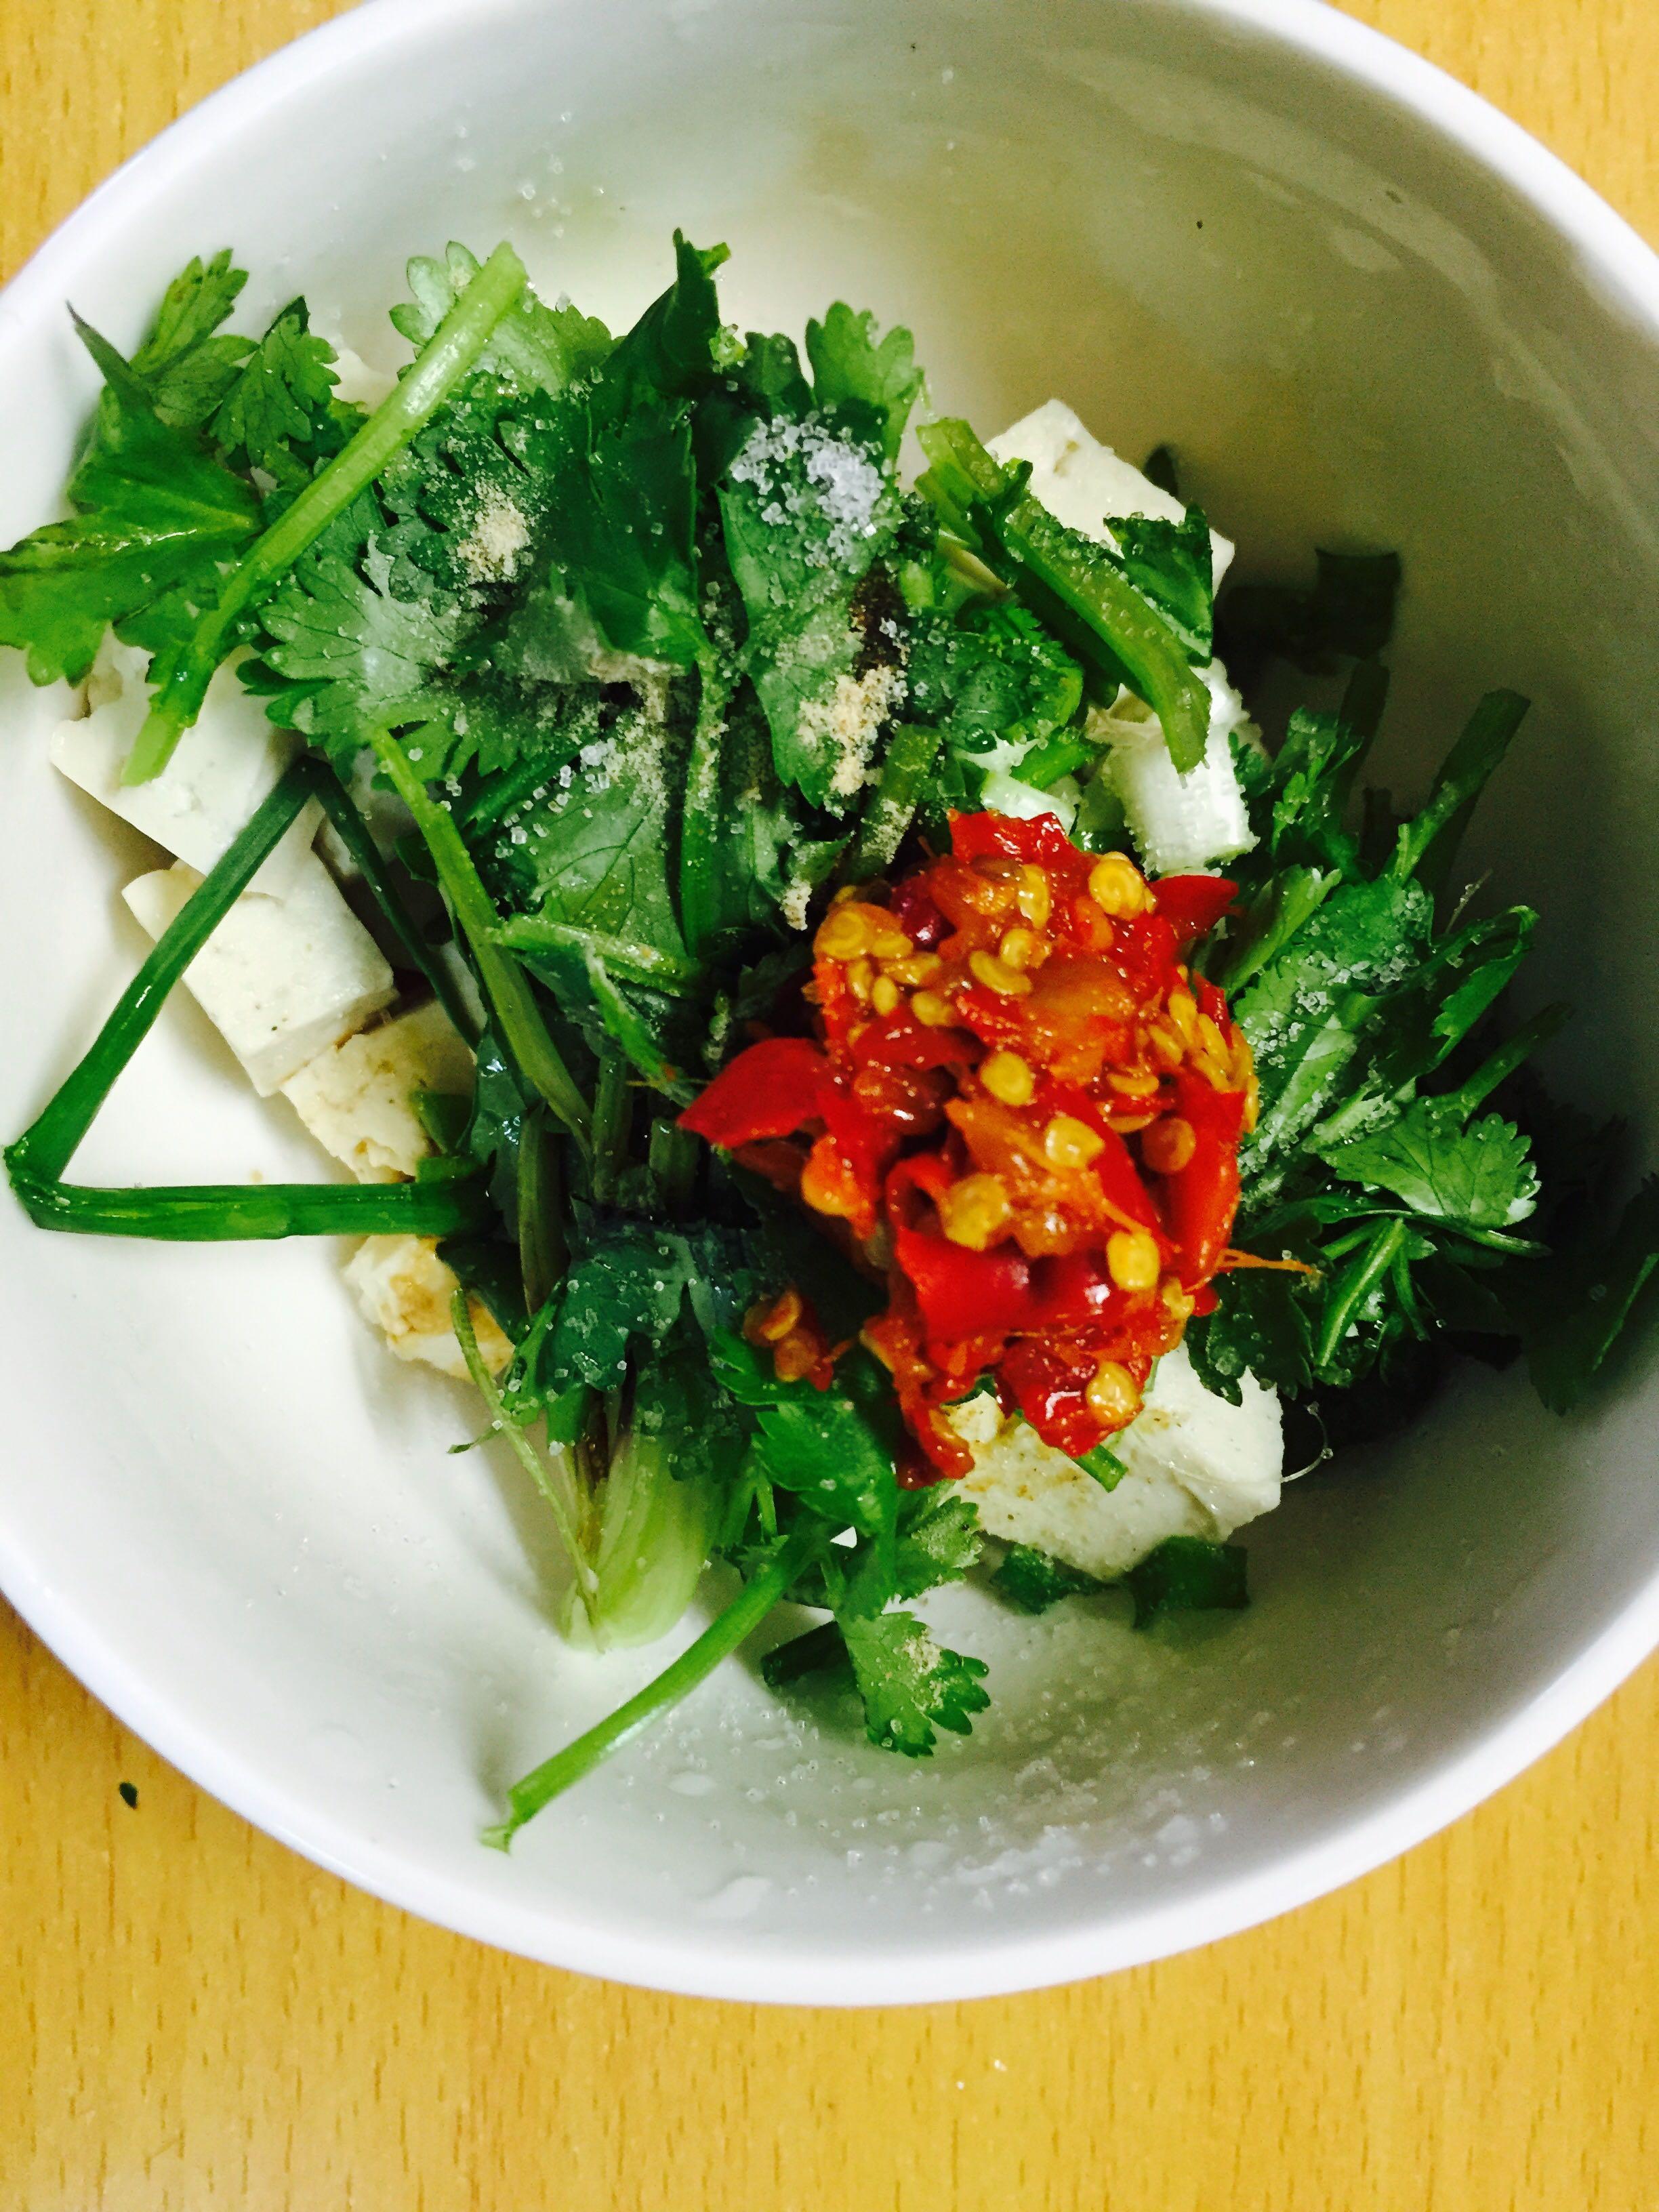 小葱拌豆腐吃掉txt_在宿舍用小功率电煮锅可以做出哪些美食? - 知乎